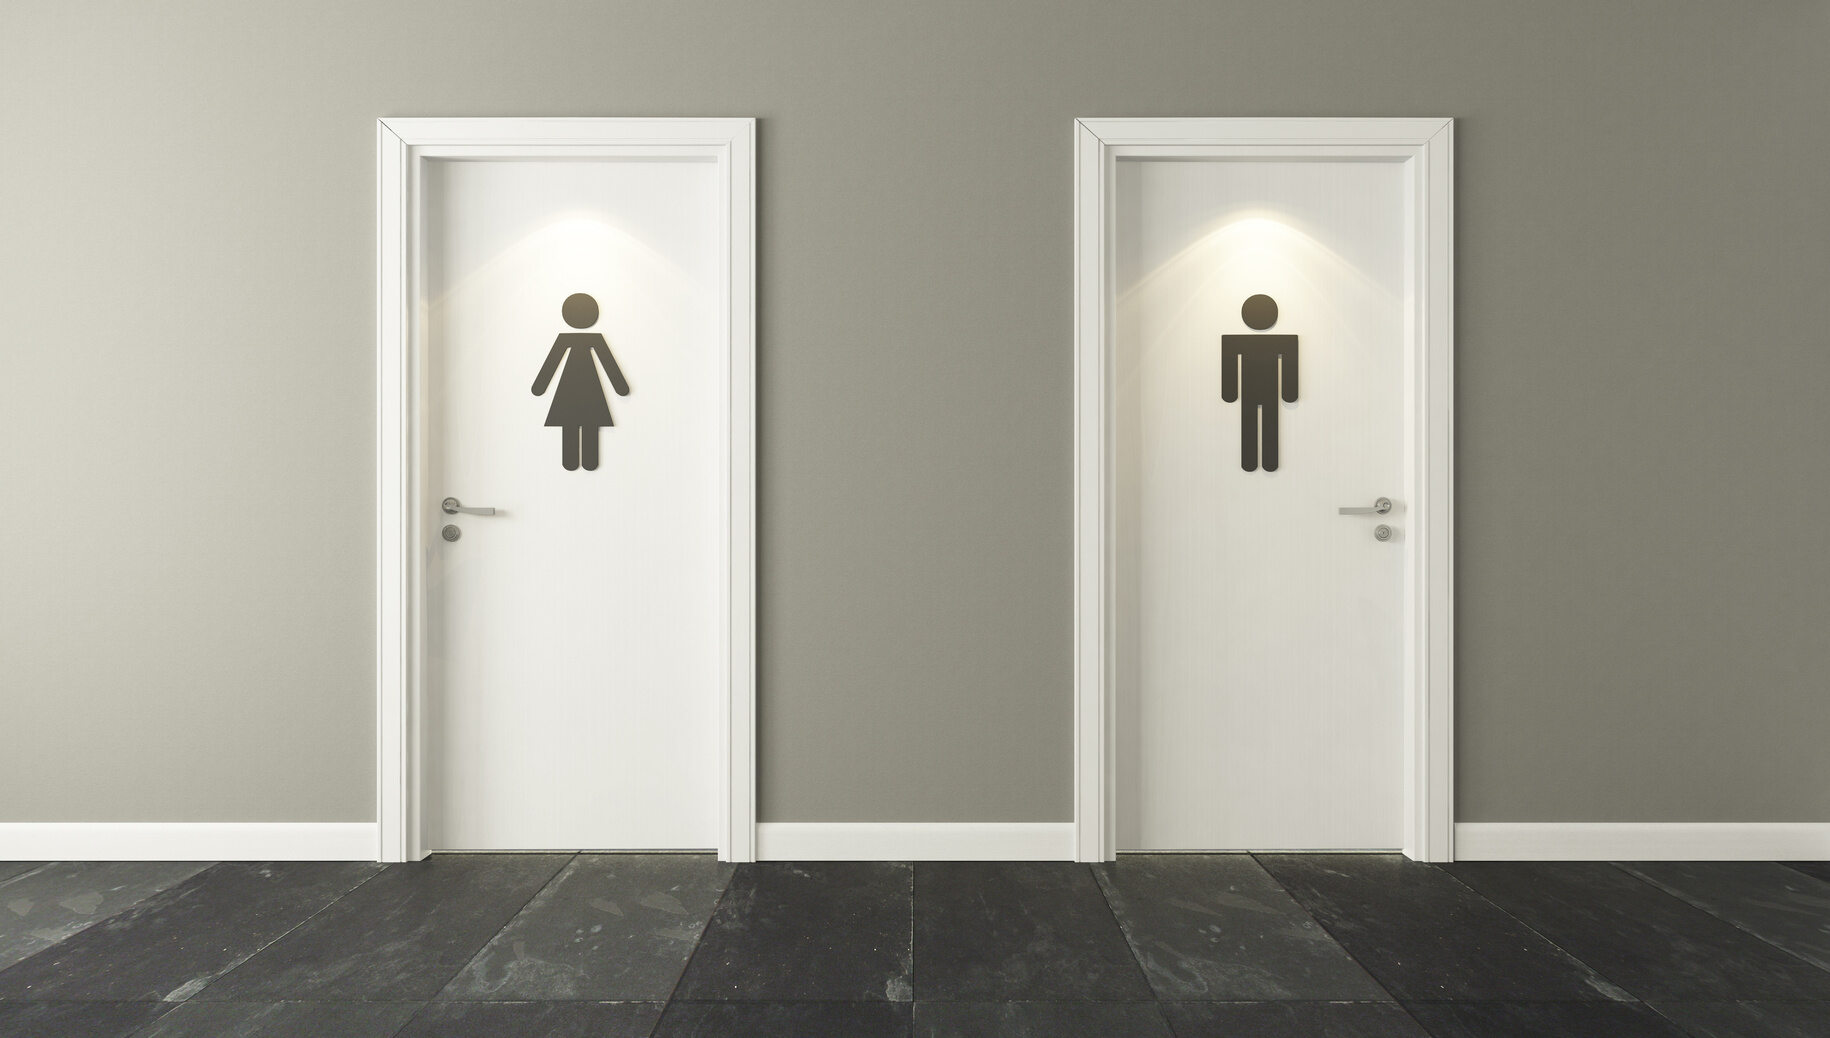 Toalety, zdjęcie ilustracyjne